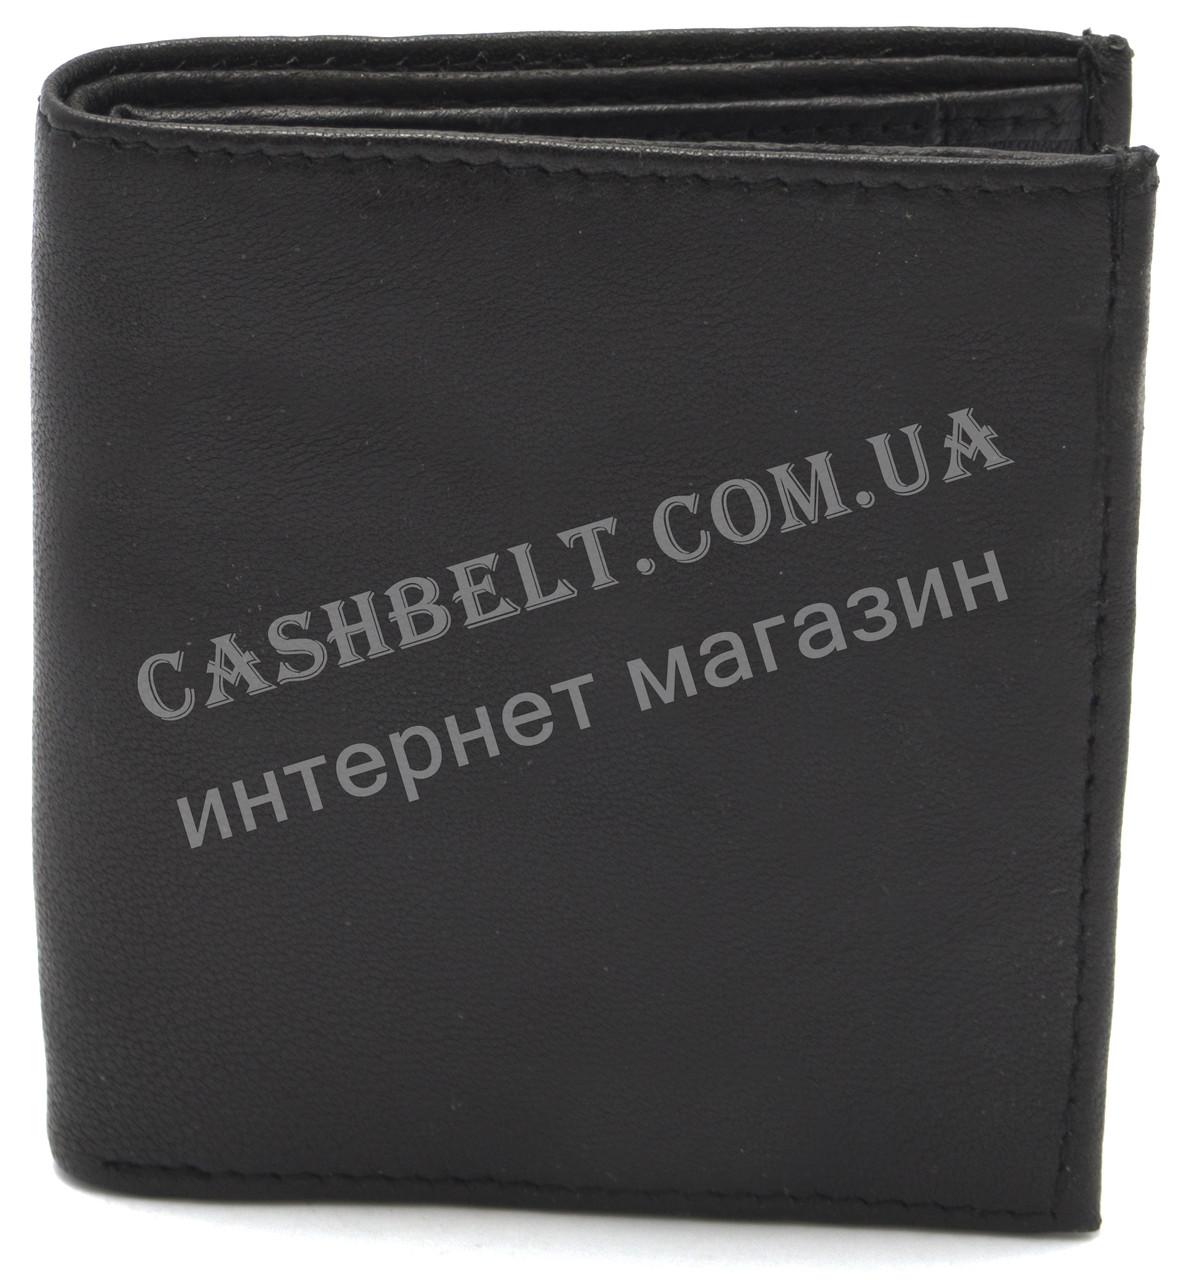 Компактный практичный кожаный мужской кошелек BENZER art.8118 черного цвета